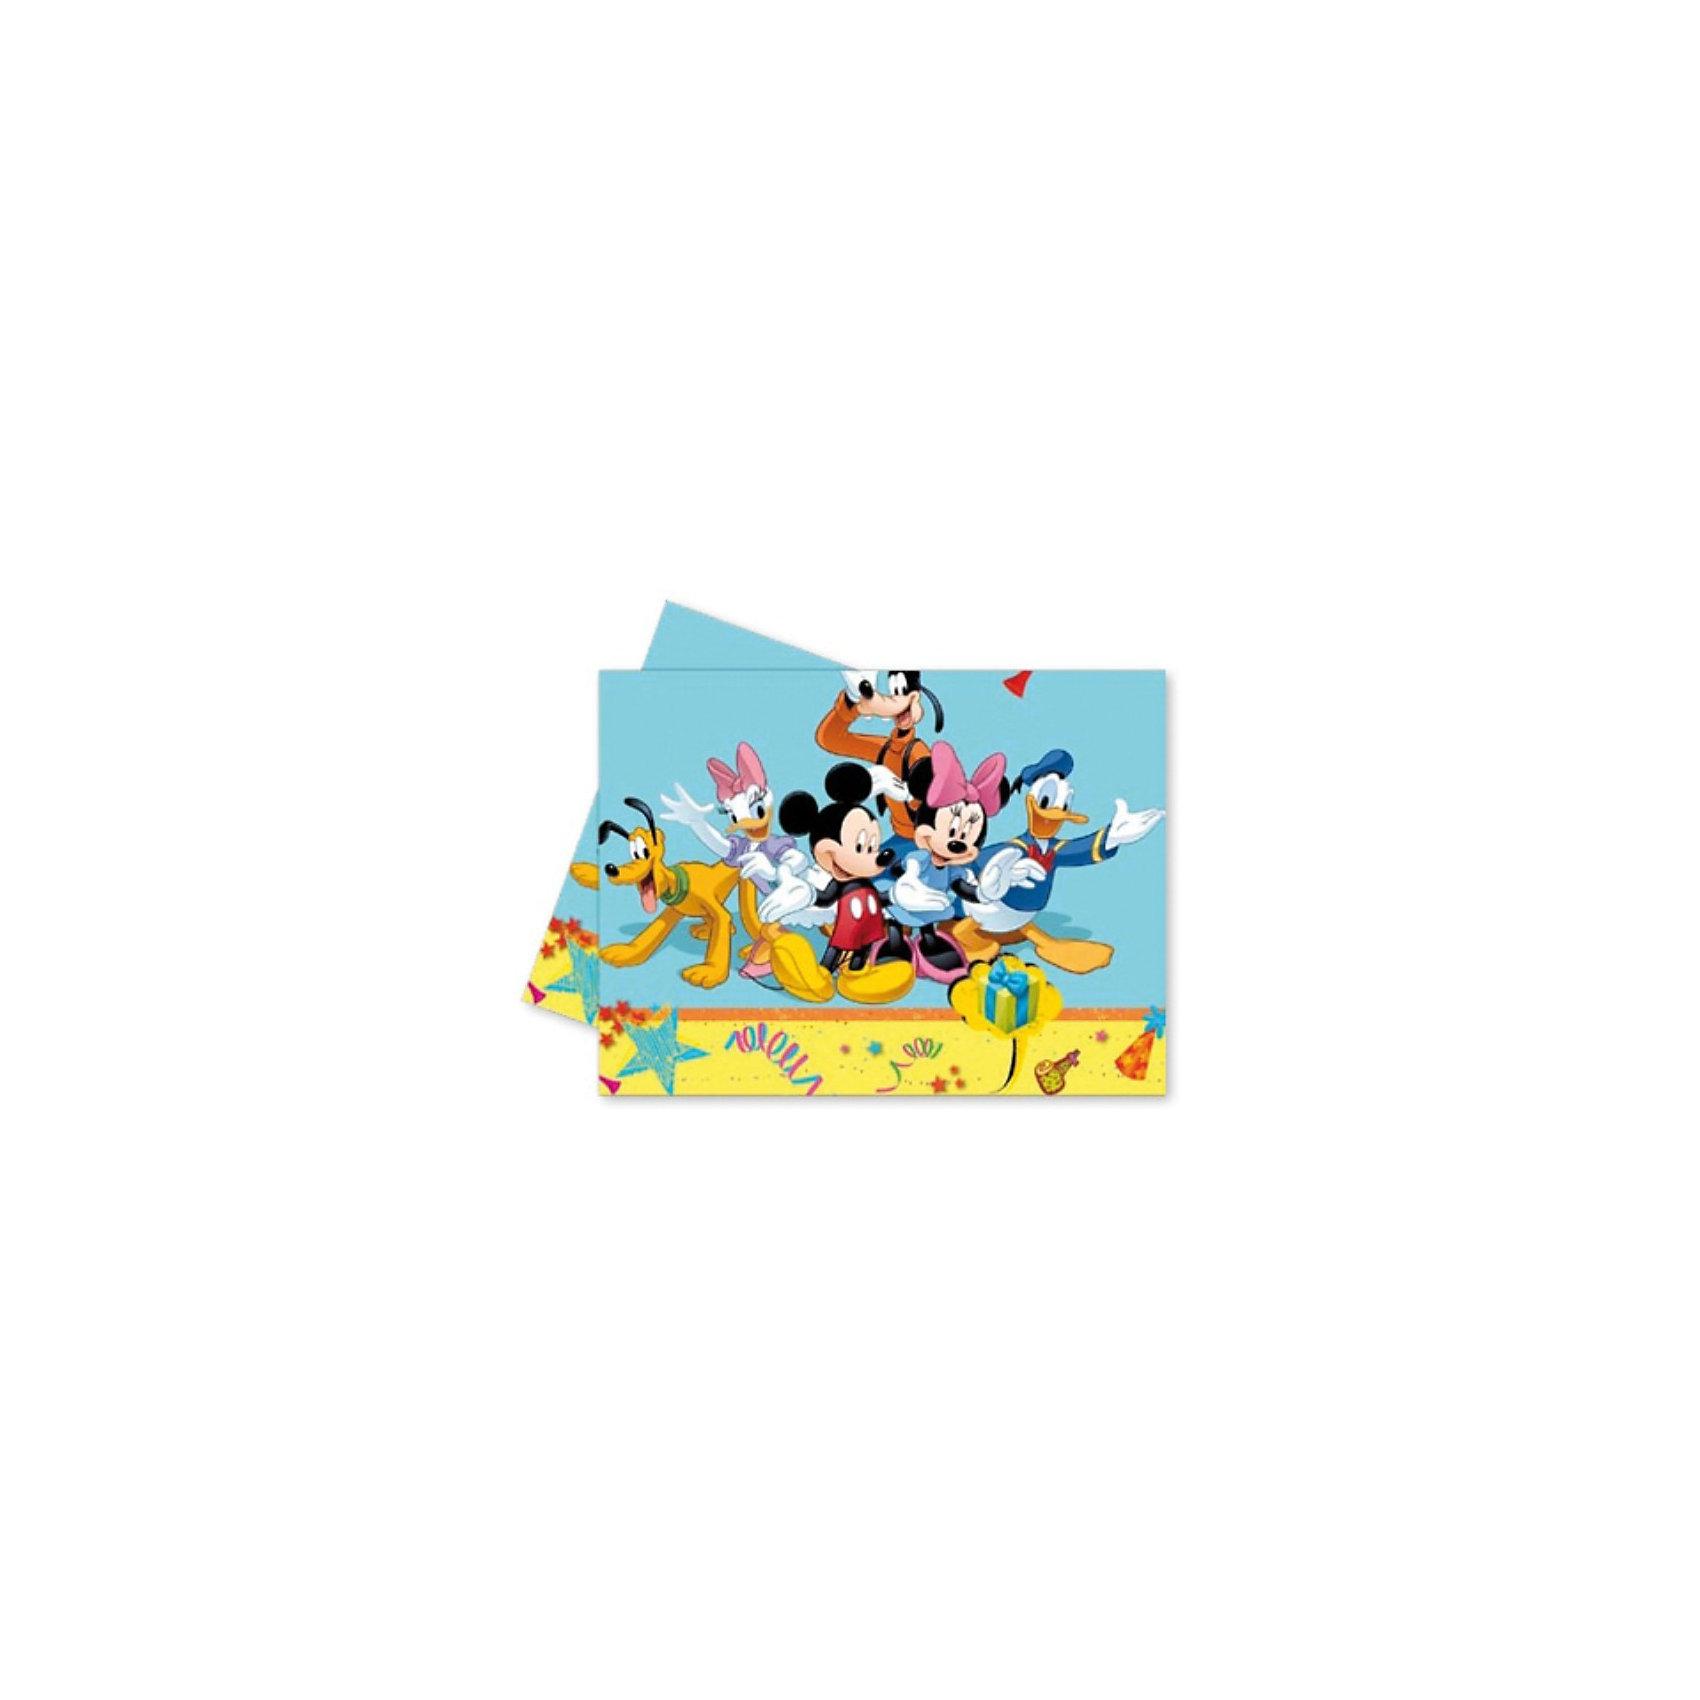 Скатерть «Микки Маус на карнавале», 120×180 см